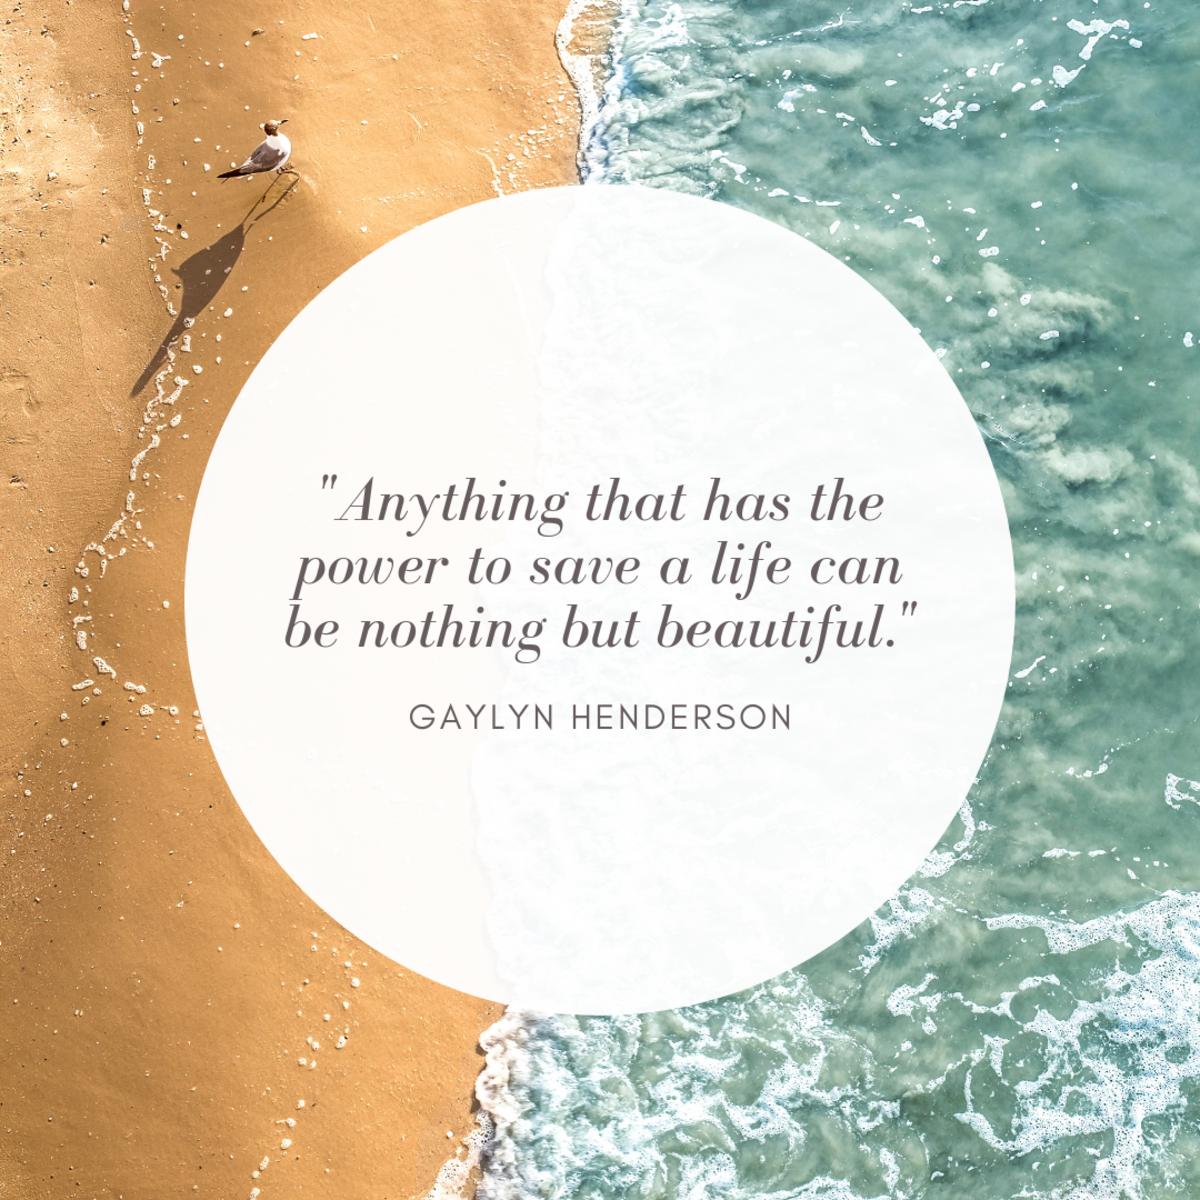 Gaylyn Henderson